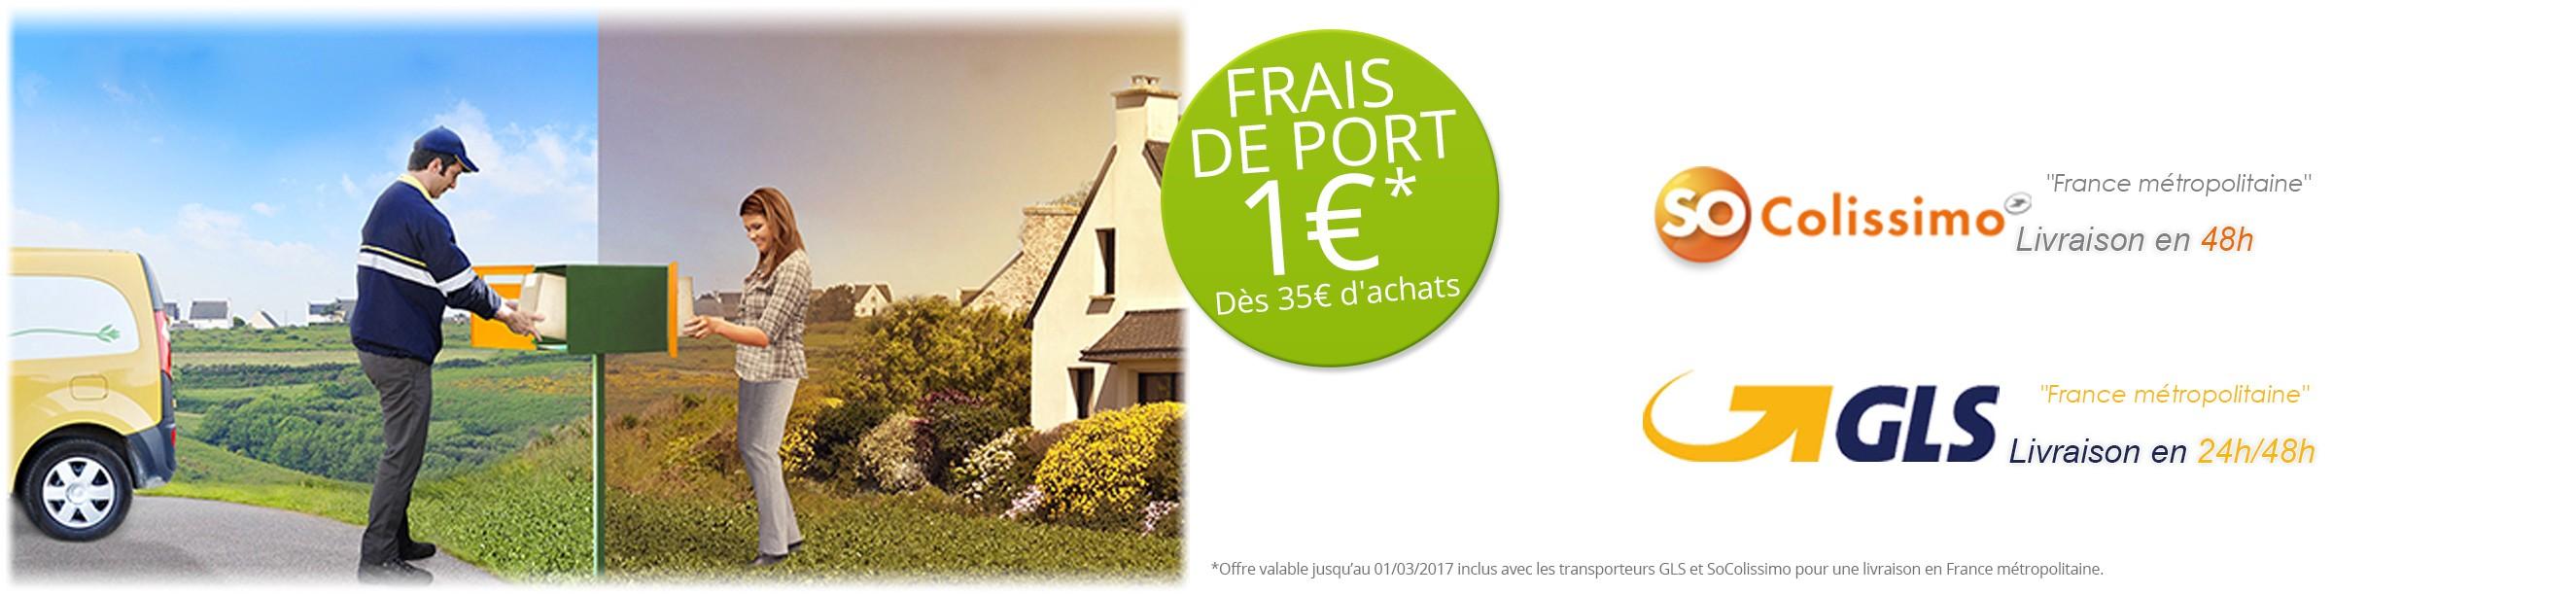 Frais de port à 1€ dès 35 € d'achats